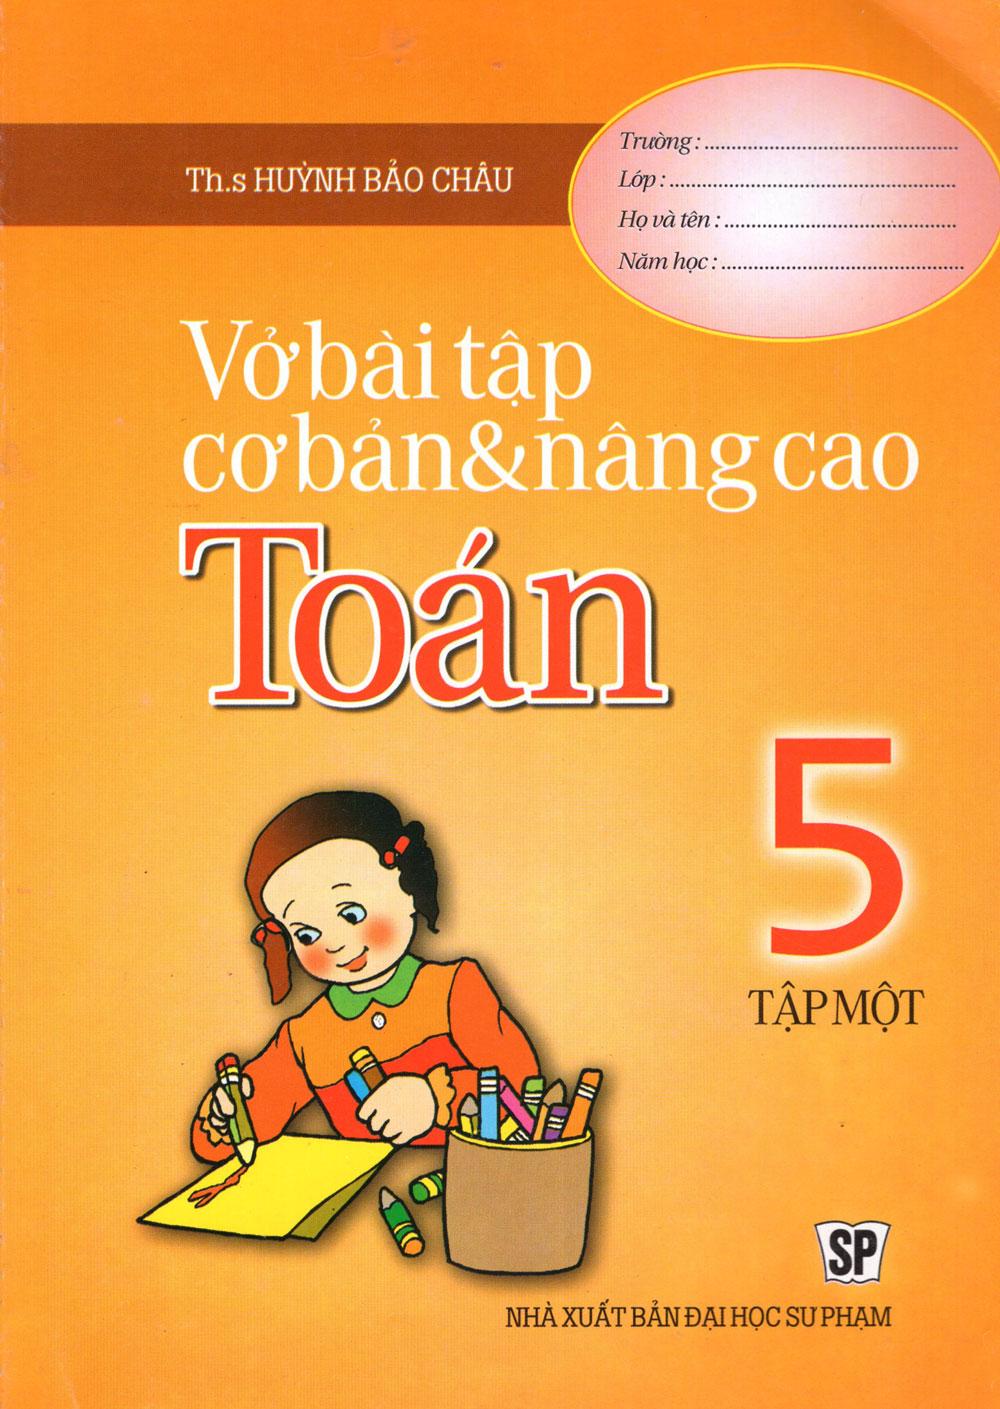 Vở Bài Tập Cơ Bản Và Nâng Cao Toán Lớp 5 (Tập 1) - 5218105 , 8935083553148 , 62_231806 , 18000 , Vo-Bai-Tap-Co-Ban-Va-Nang-Cao-Toan-Lop-5-Tap-1-62_231806 , tiki.vn , Vở Bài Tập Cơ Bản Và Nâng Cao Toán Lớp 5 (Tập 1)